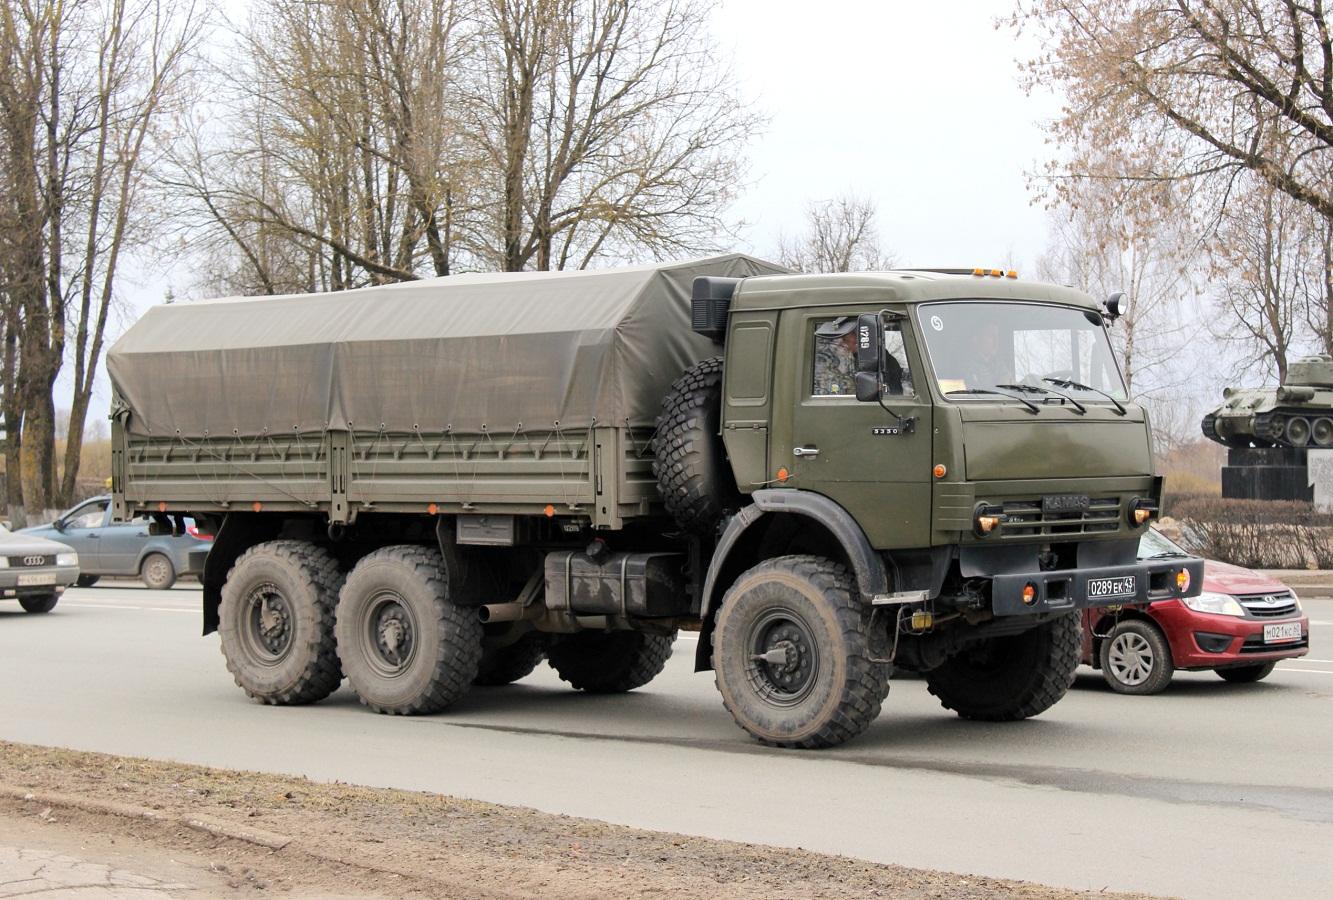 Бортовой грузовик КамАЗ-5350 #0289 ЕК 43. Псков, площадь Героев Десантников